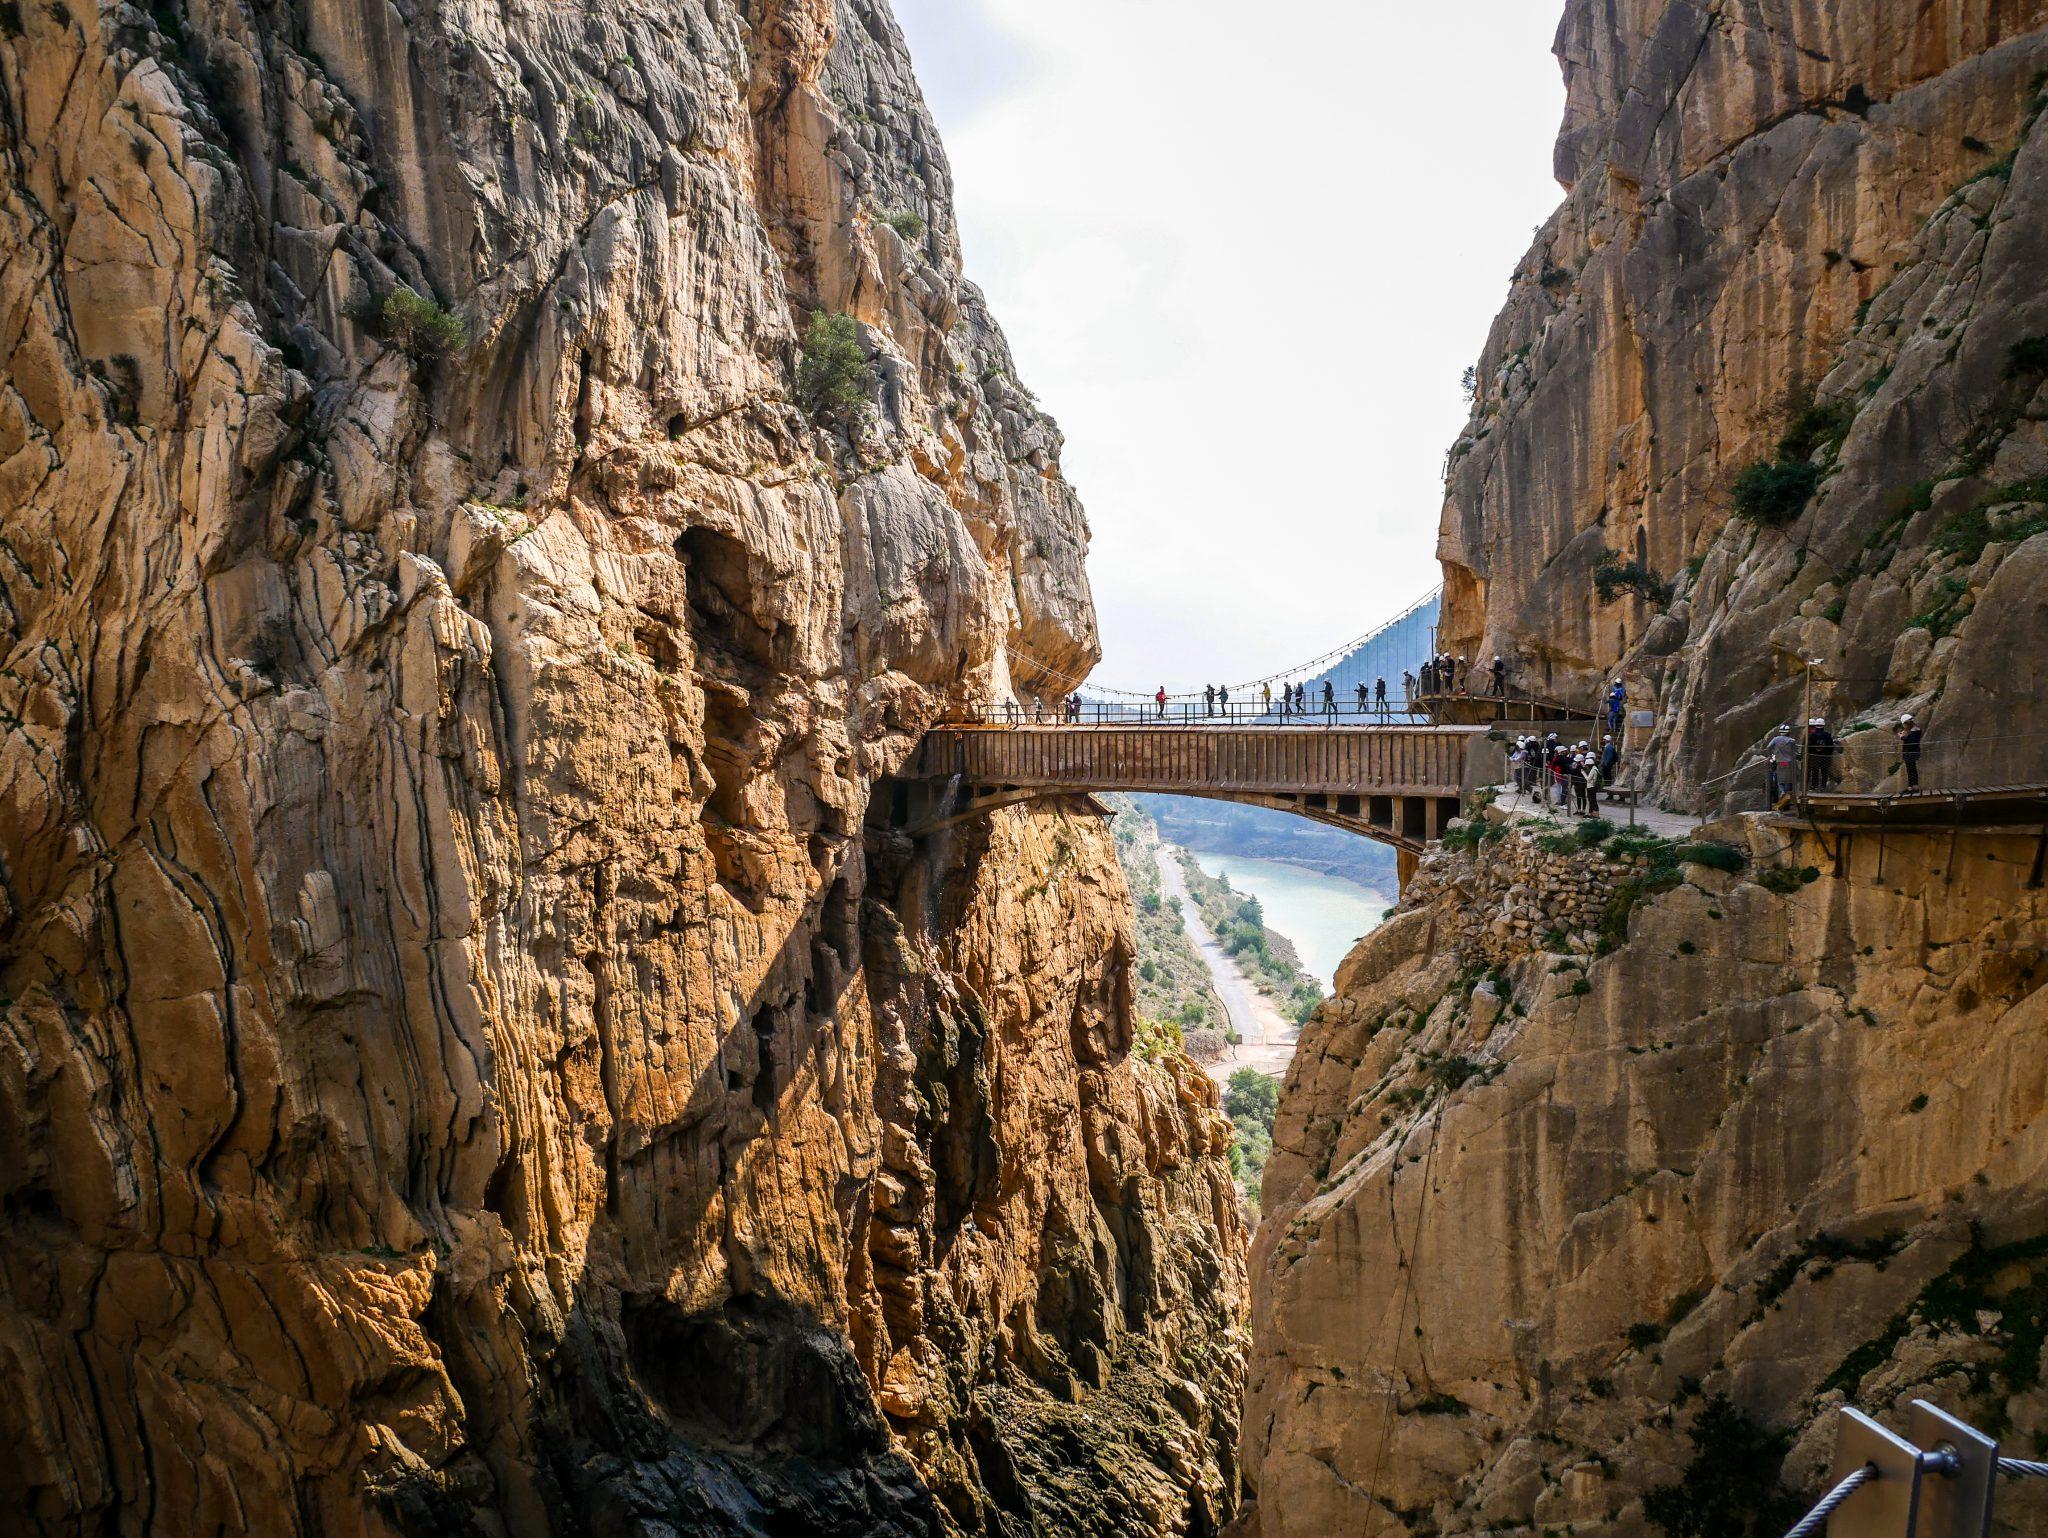 Caminito del Rey: Nichts für schwache Gemüter, ziemlich am Ende des Wegs muss man eine Hängebrücke überqueren